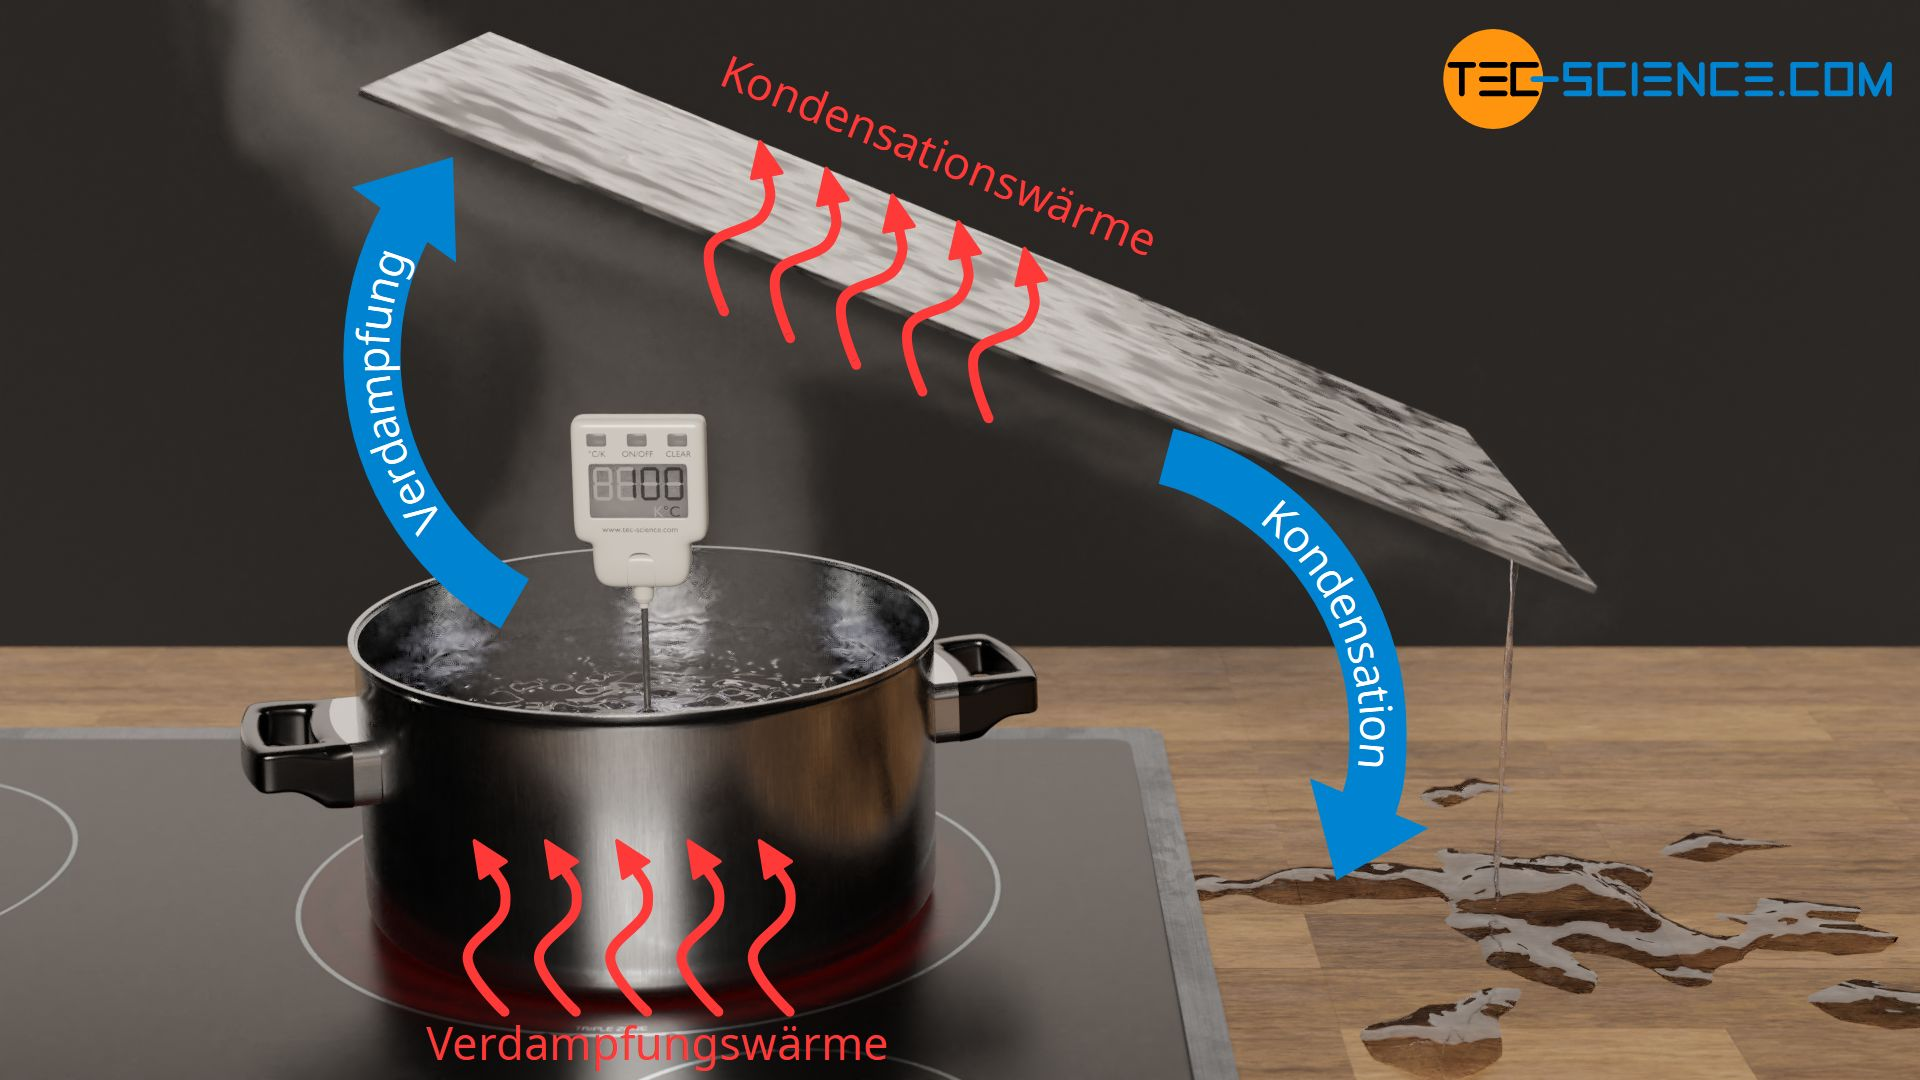 Zufuhr von Verdampfungswärme beim Verdampfen und Abfuhr von Kondensationswärme beim Kondensieren